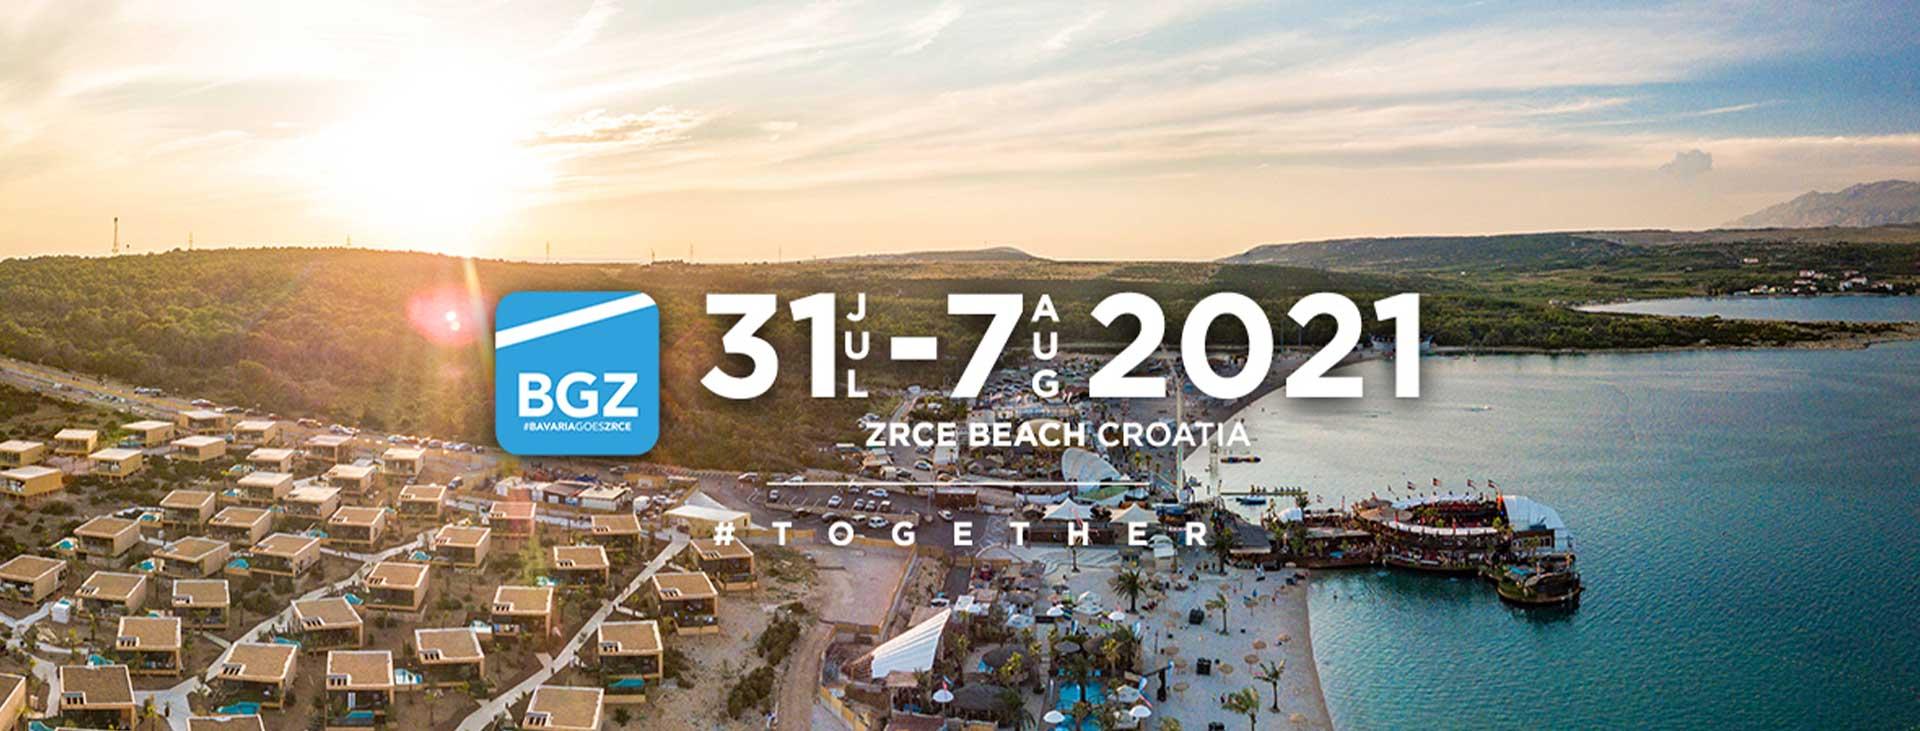 Bavaria goes Zrce 2021